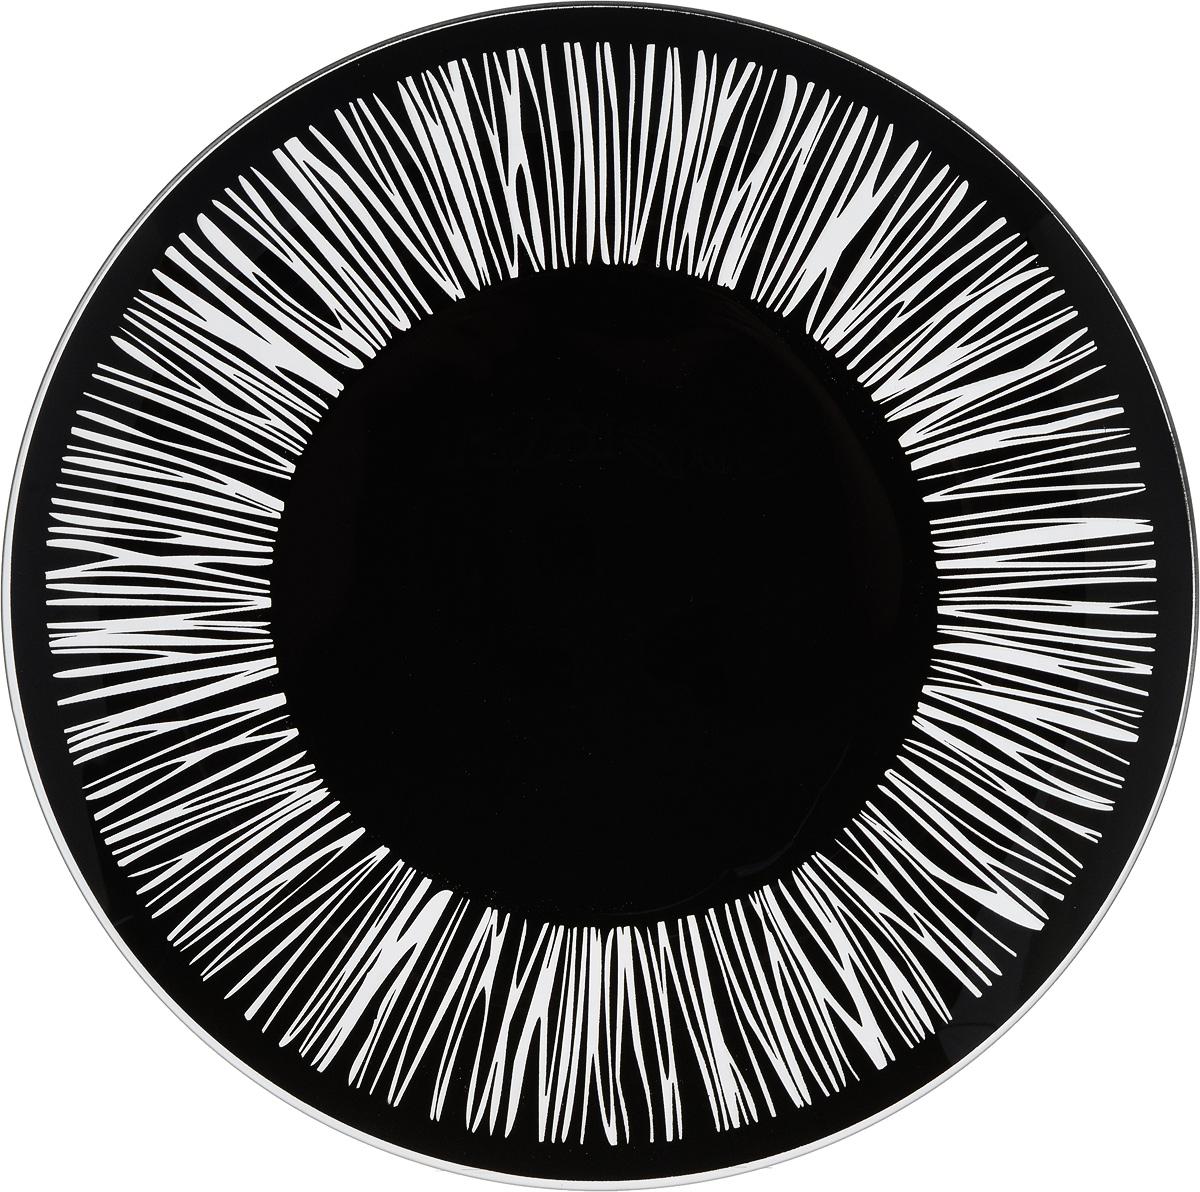 Тарелка NiNaGlass Витас, цвет: черный, диаметр 30 см85-300-016/чернТарелка NiNaGlass Витас выполнена из высококачественного стекла и оформлена оригинальным узором. Тарелка идеальна для сервировки закусок, нарезок, салатов, овощей и фруктов. Она отлично подойдет как для повседневных, так и для торжественных случаев.Такая тарелка прекрасно впишется в интерьер вашей кухни и станет достойным дополнением к кухонному инвентарю.